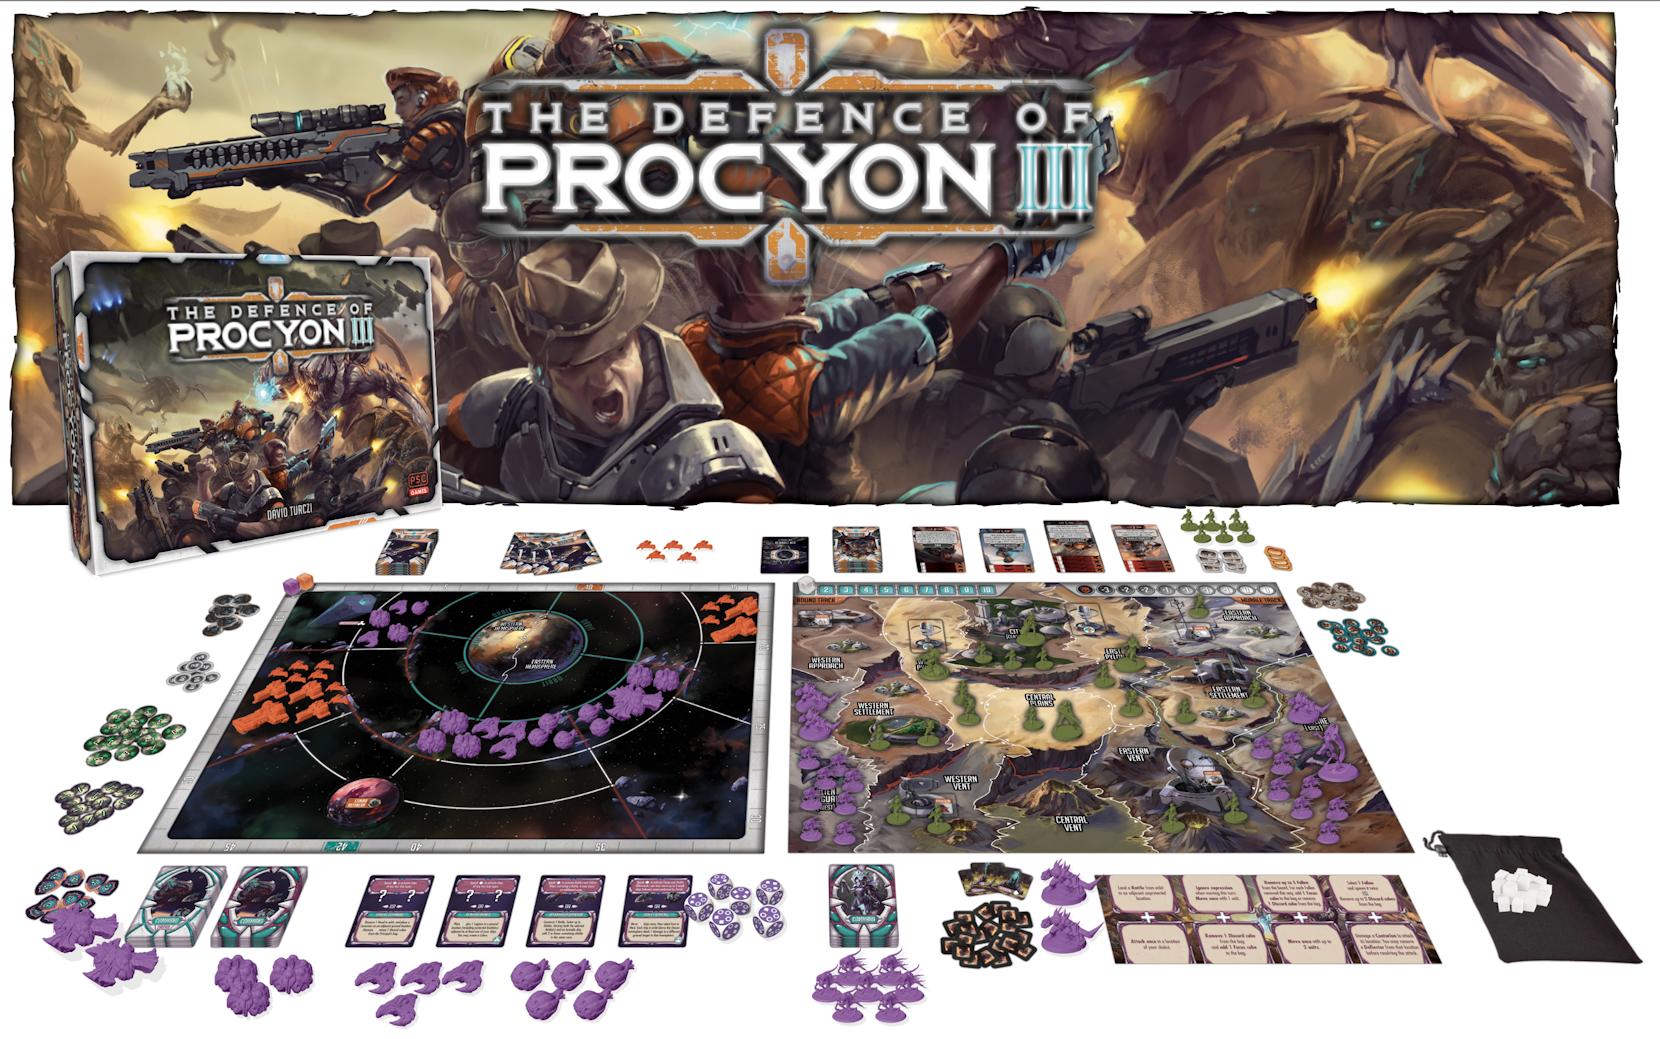 Die Verteidigung von Procyon III Brettspiel Inhalt